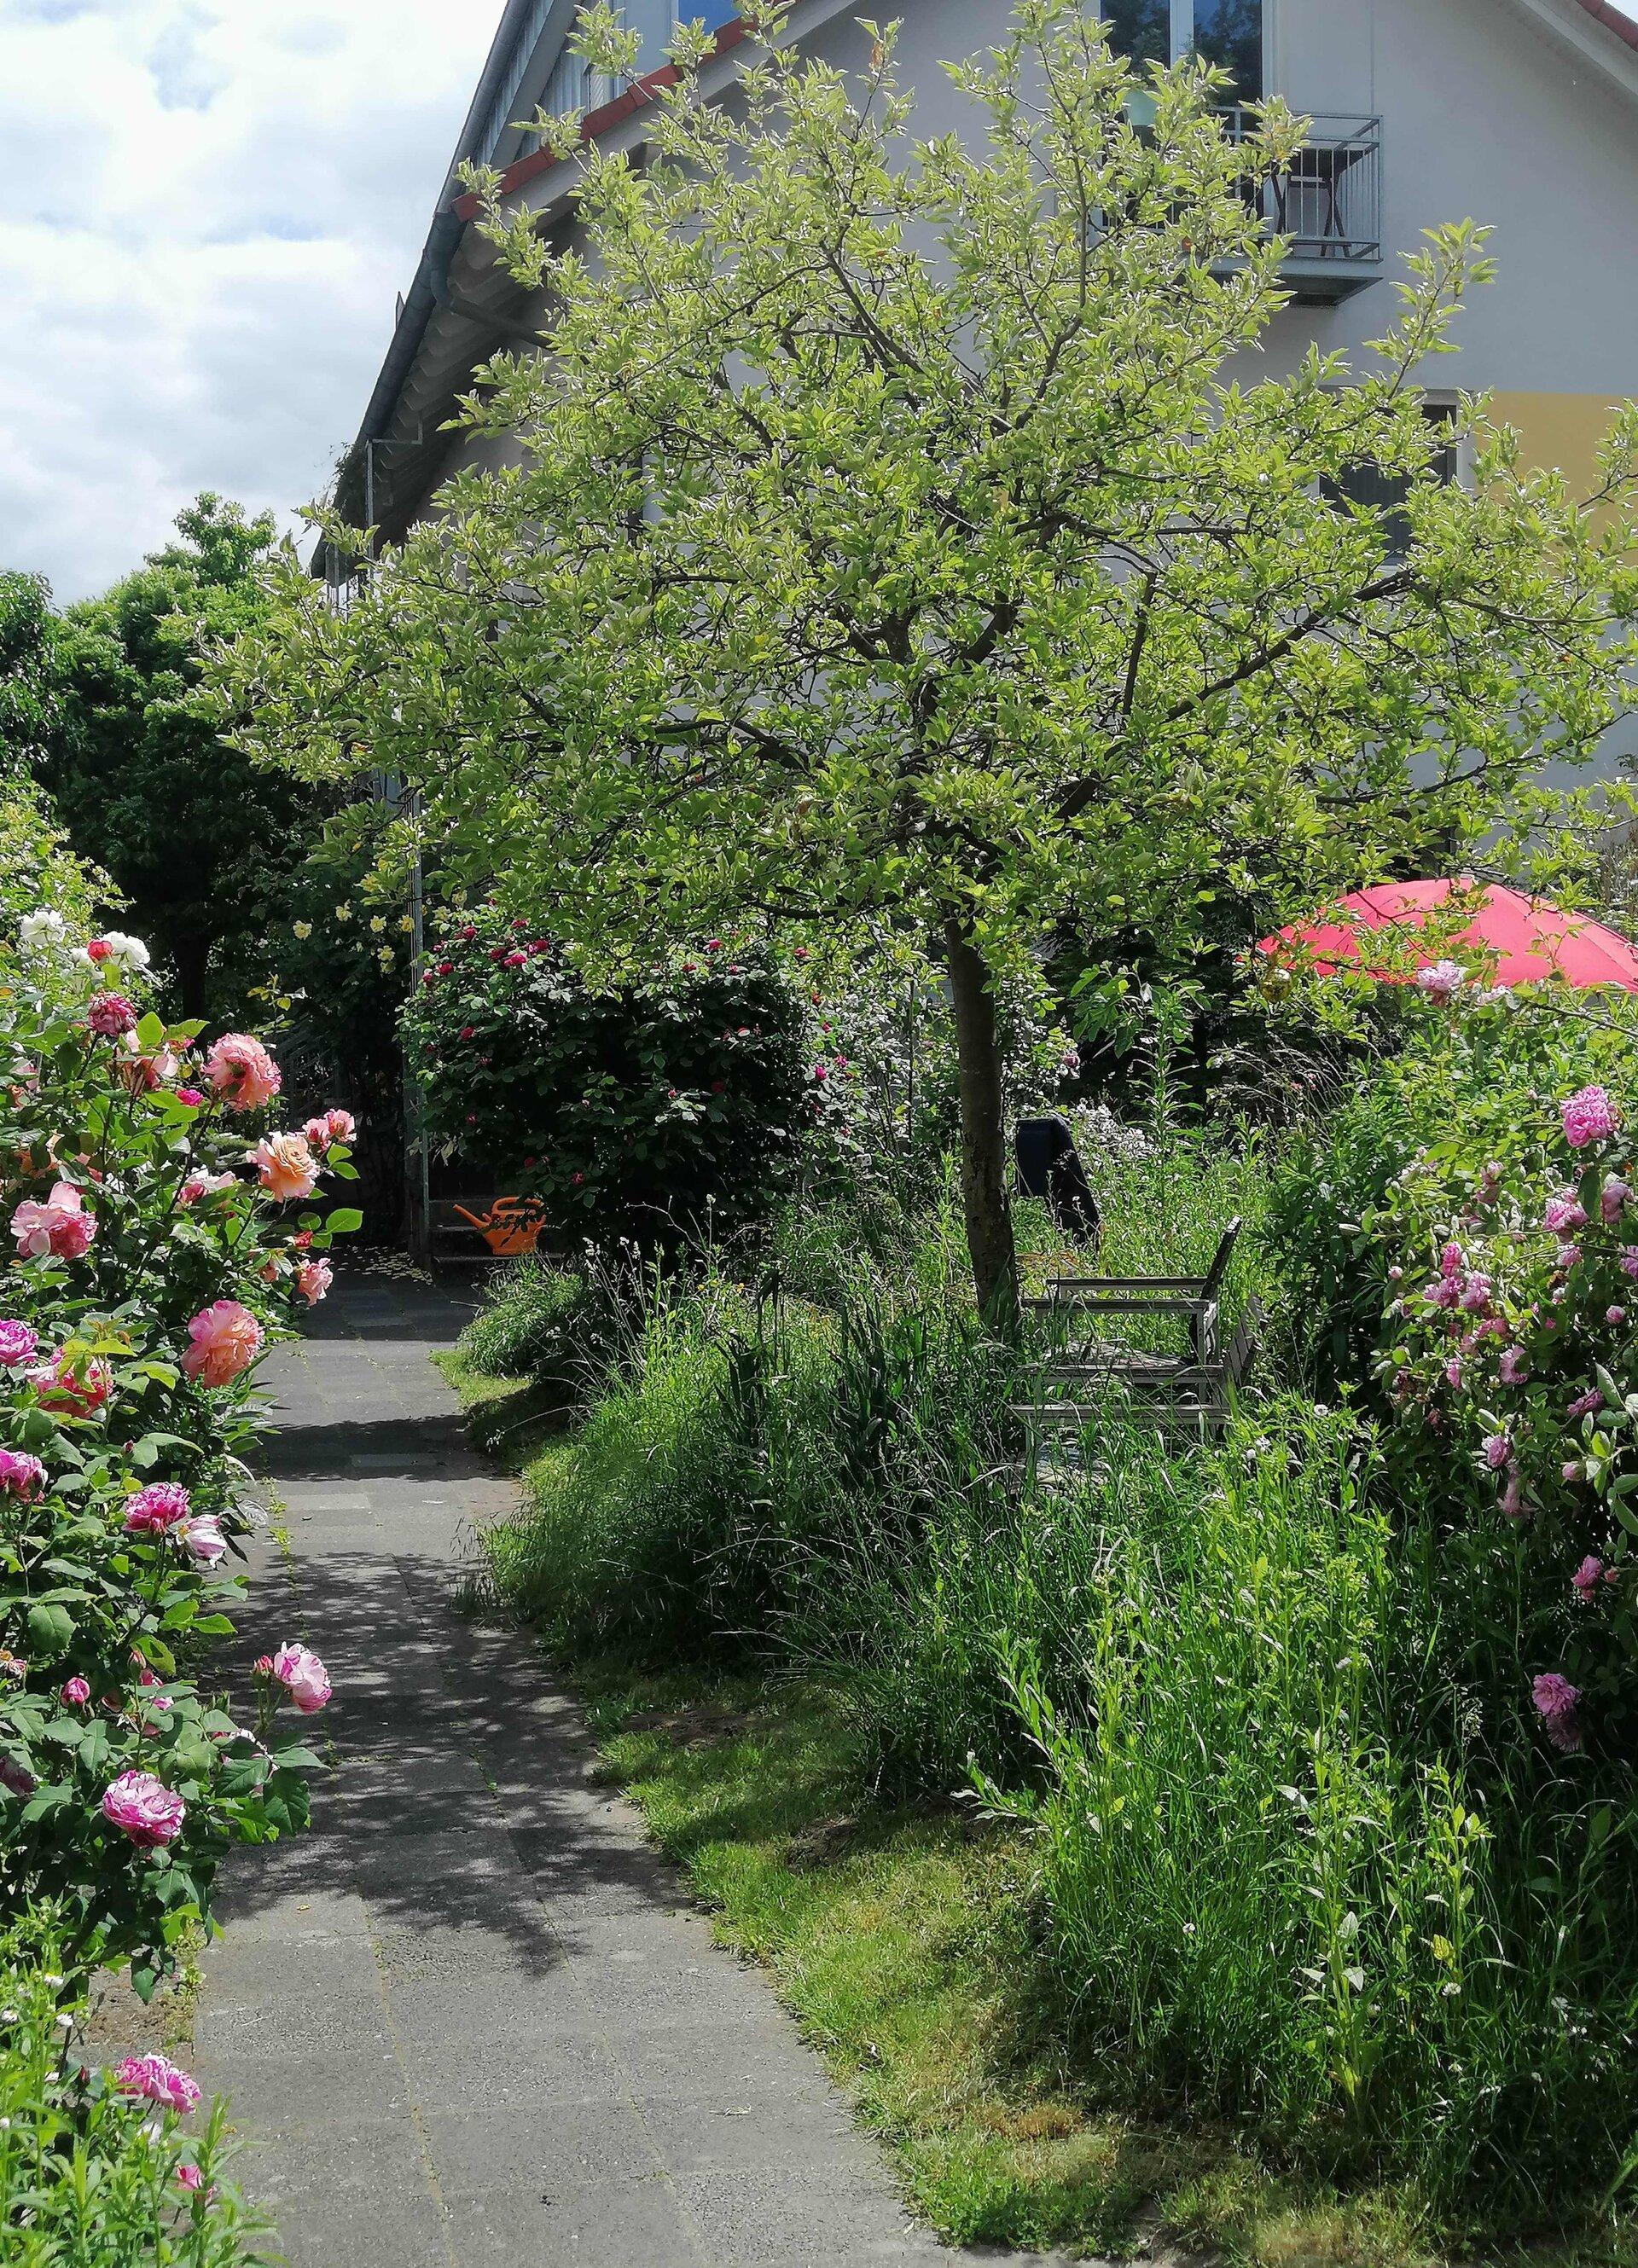 Vorgarten aus Bischofsheim